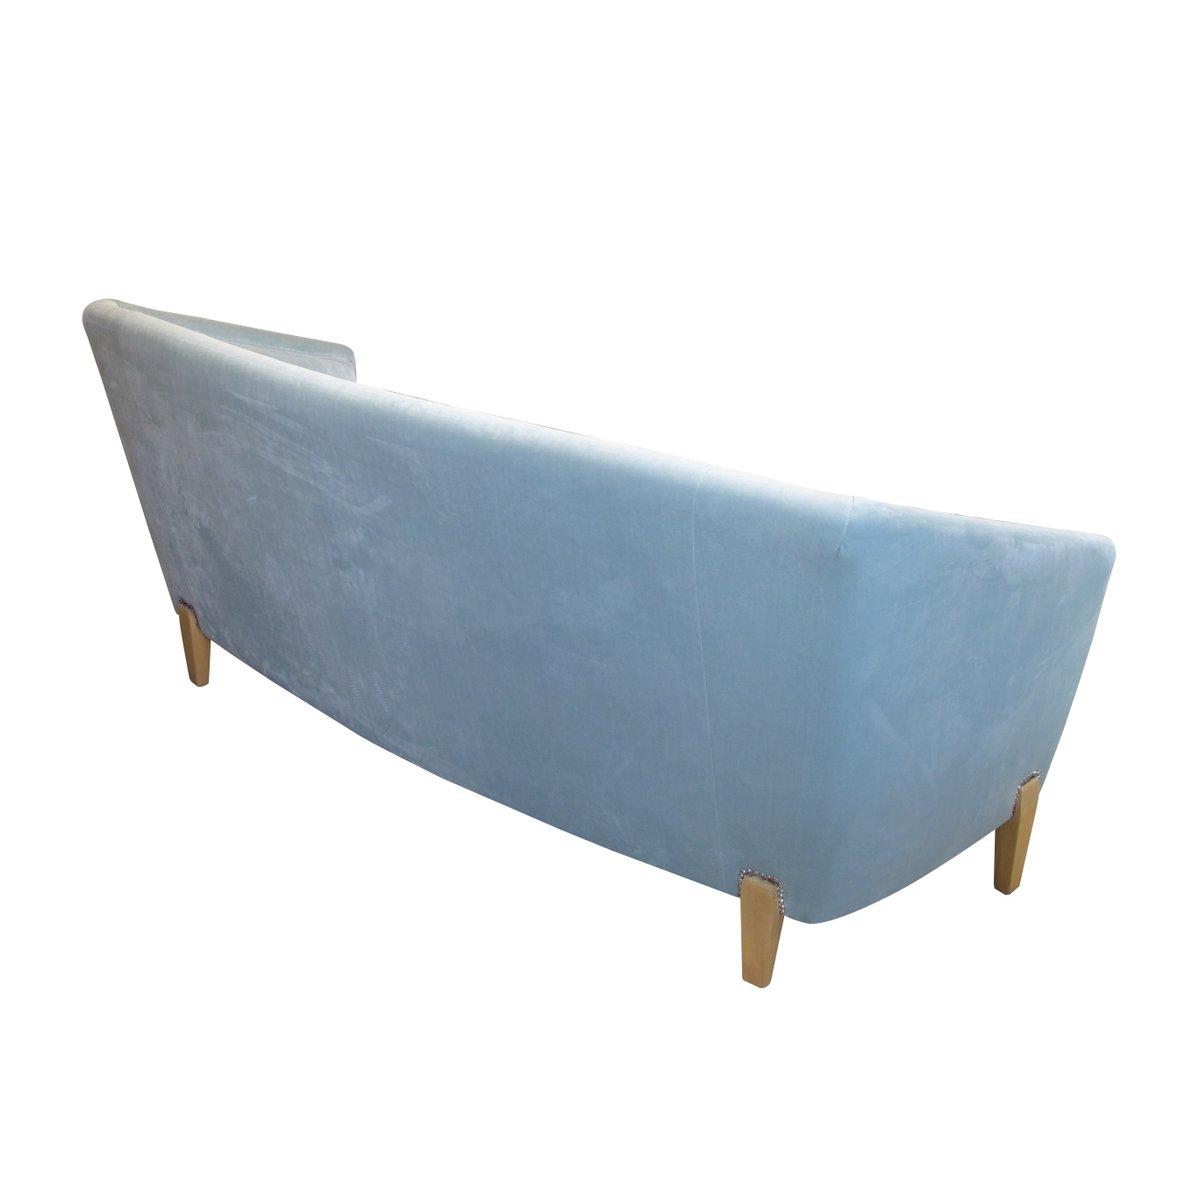 Canapé en Velours Bleu Clair, Suède 1940s en vente sur Pamono